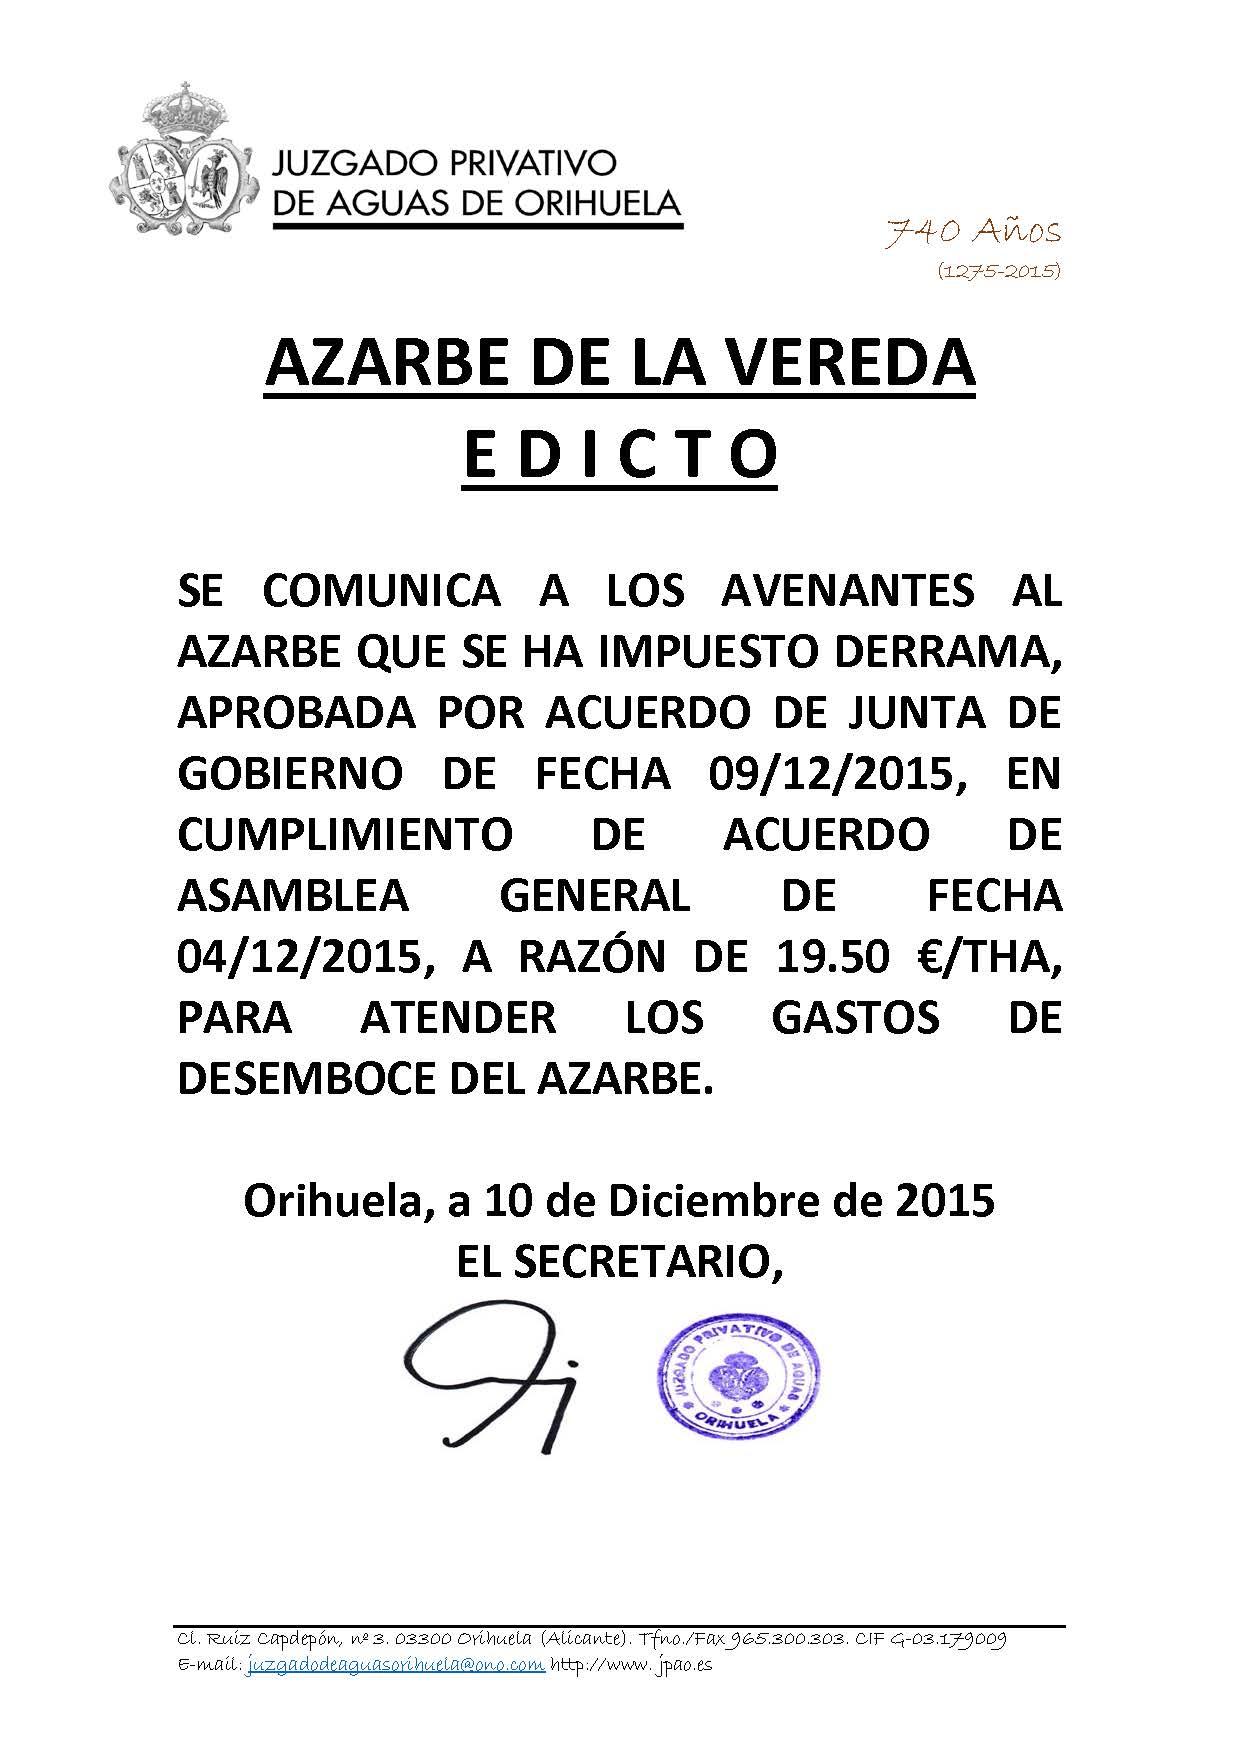 177 2015 azarbe de la vereda. edicto imposición derrama